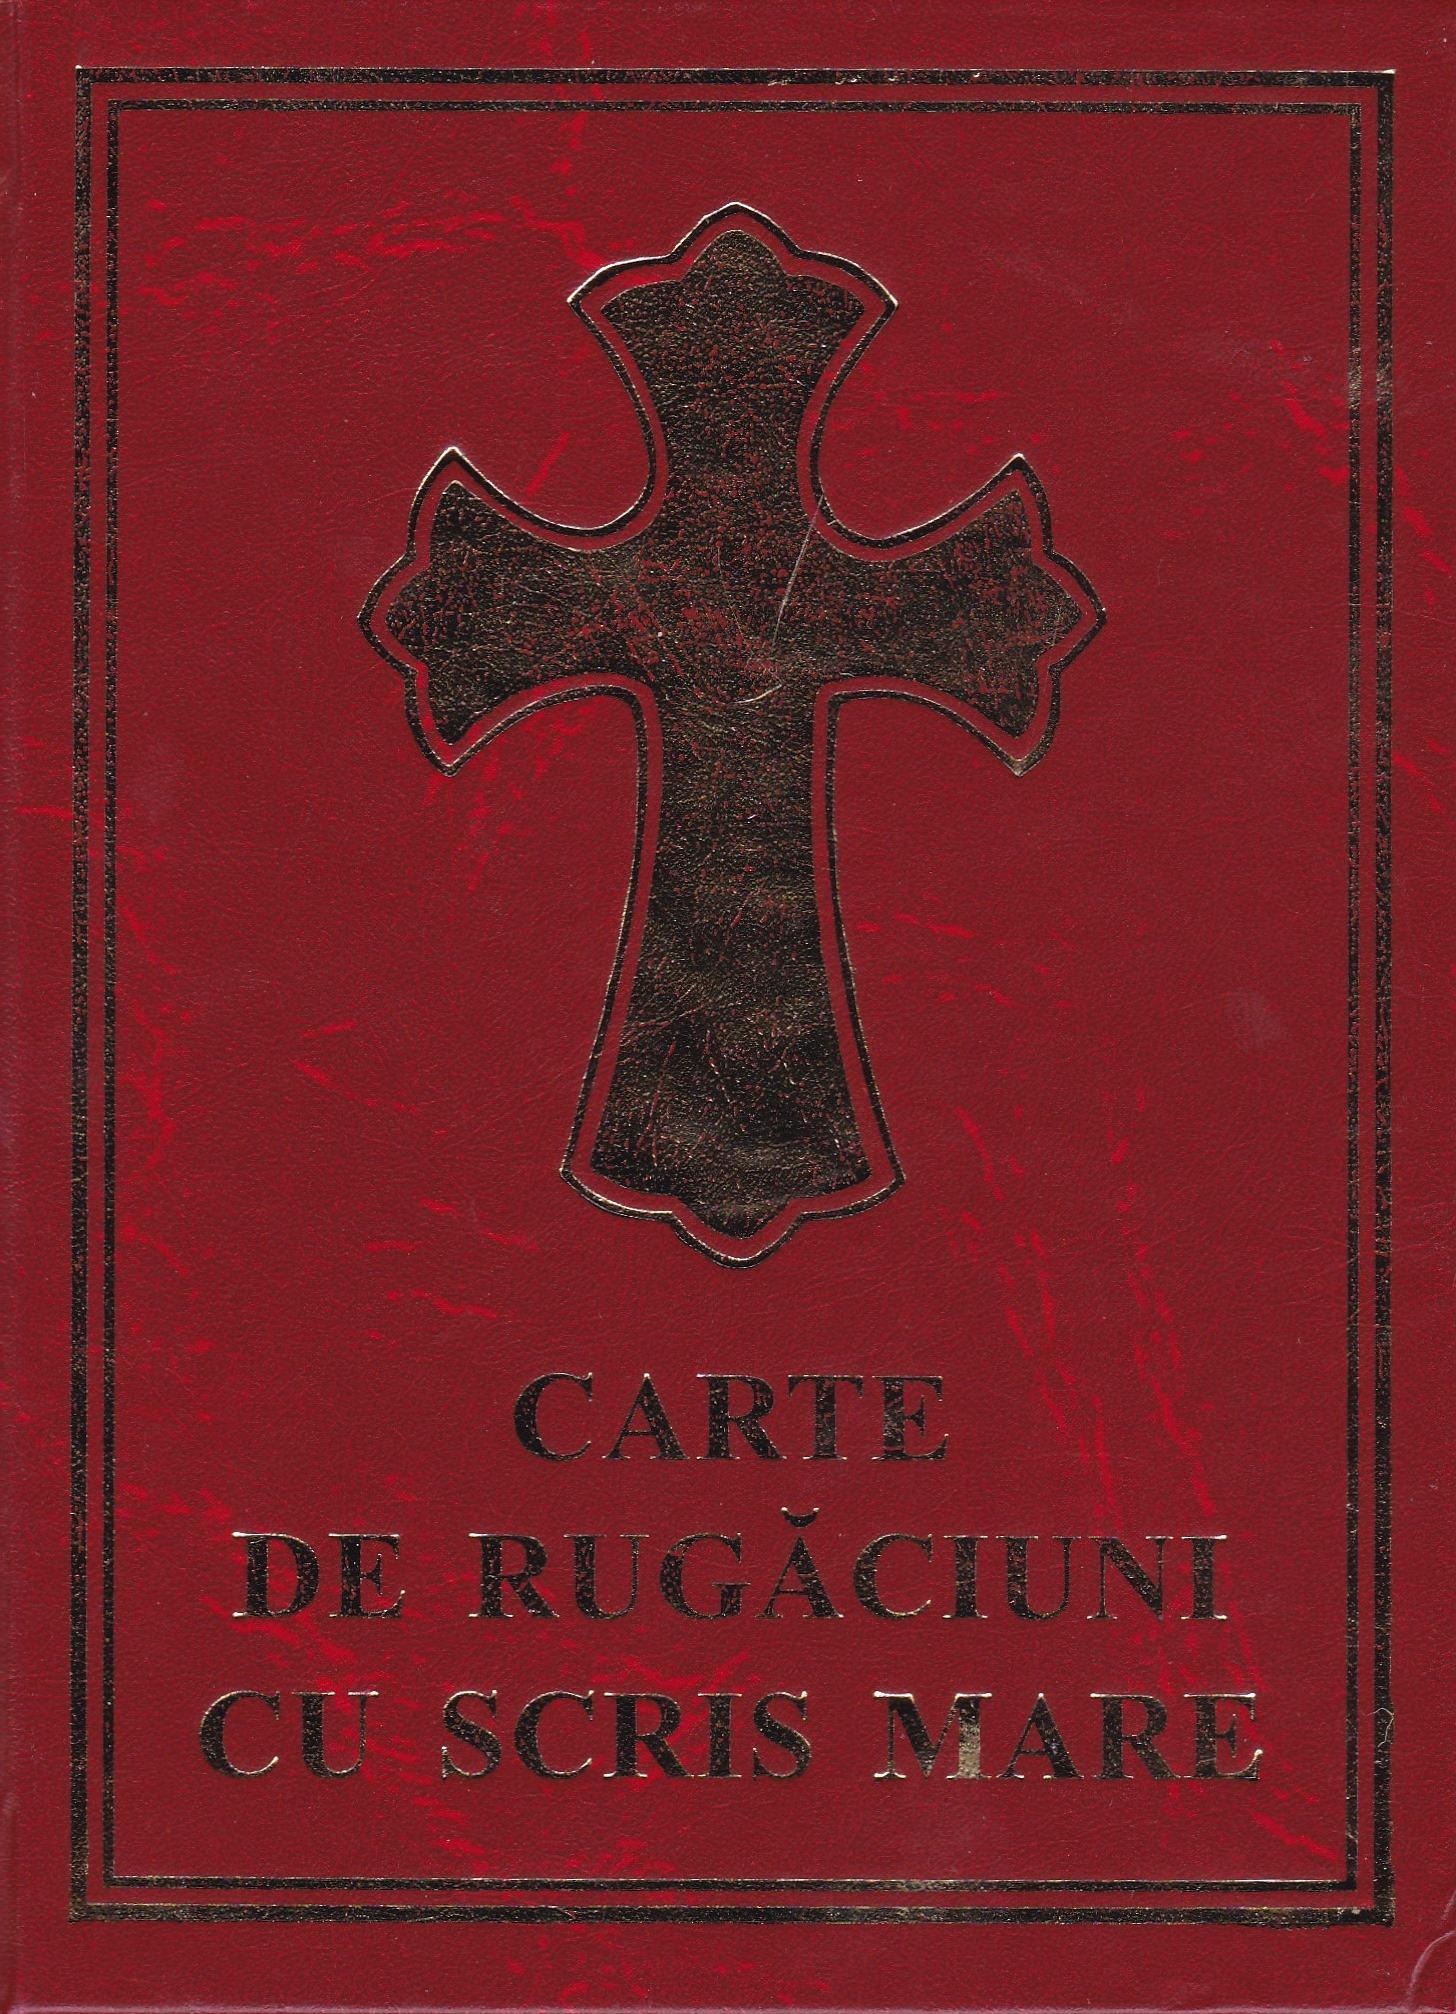 Carte de rugaciuni cu scris mare cartonata